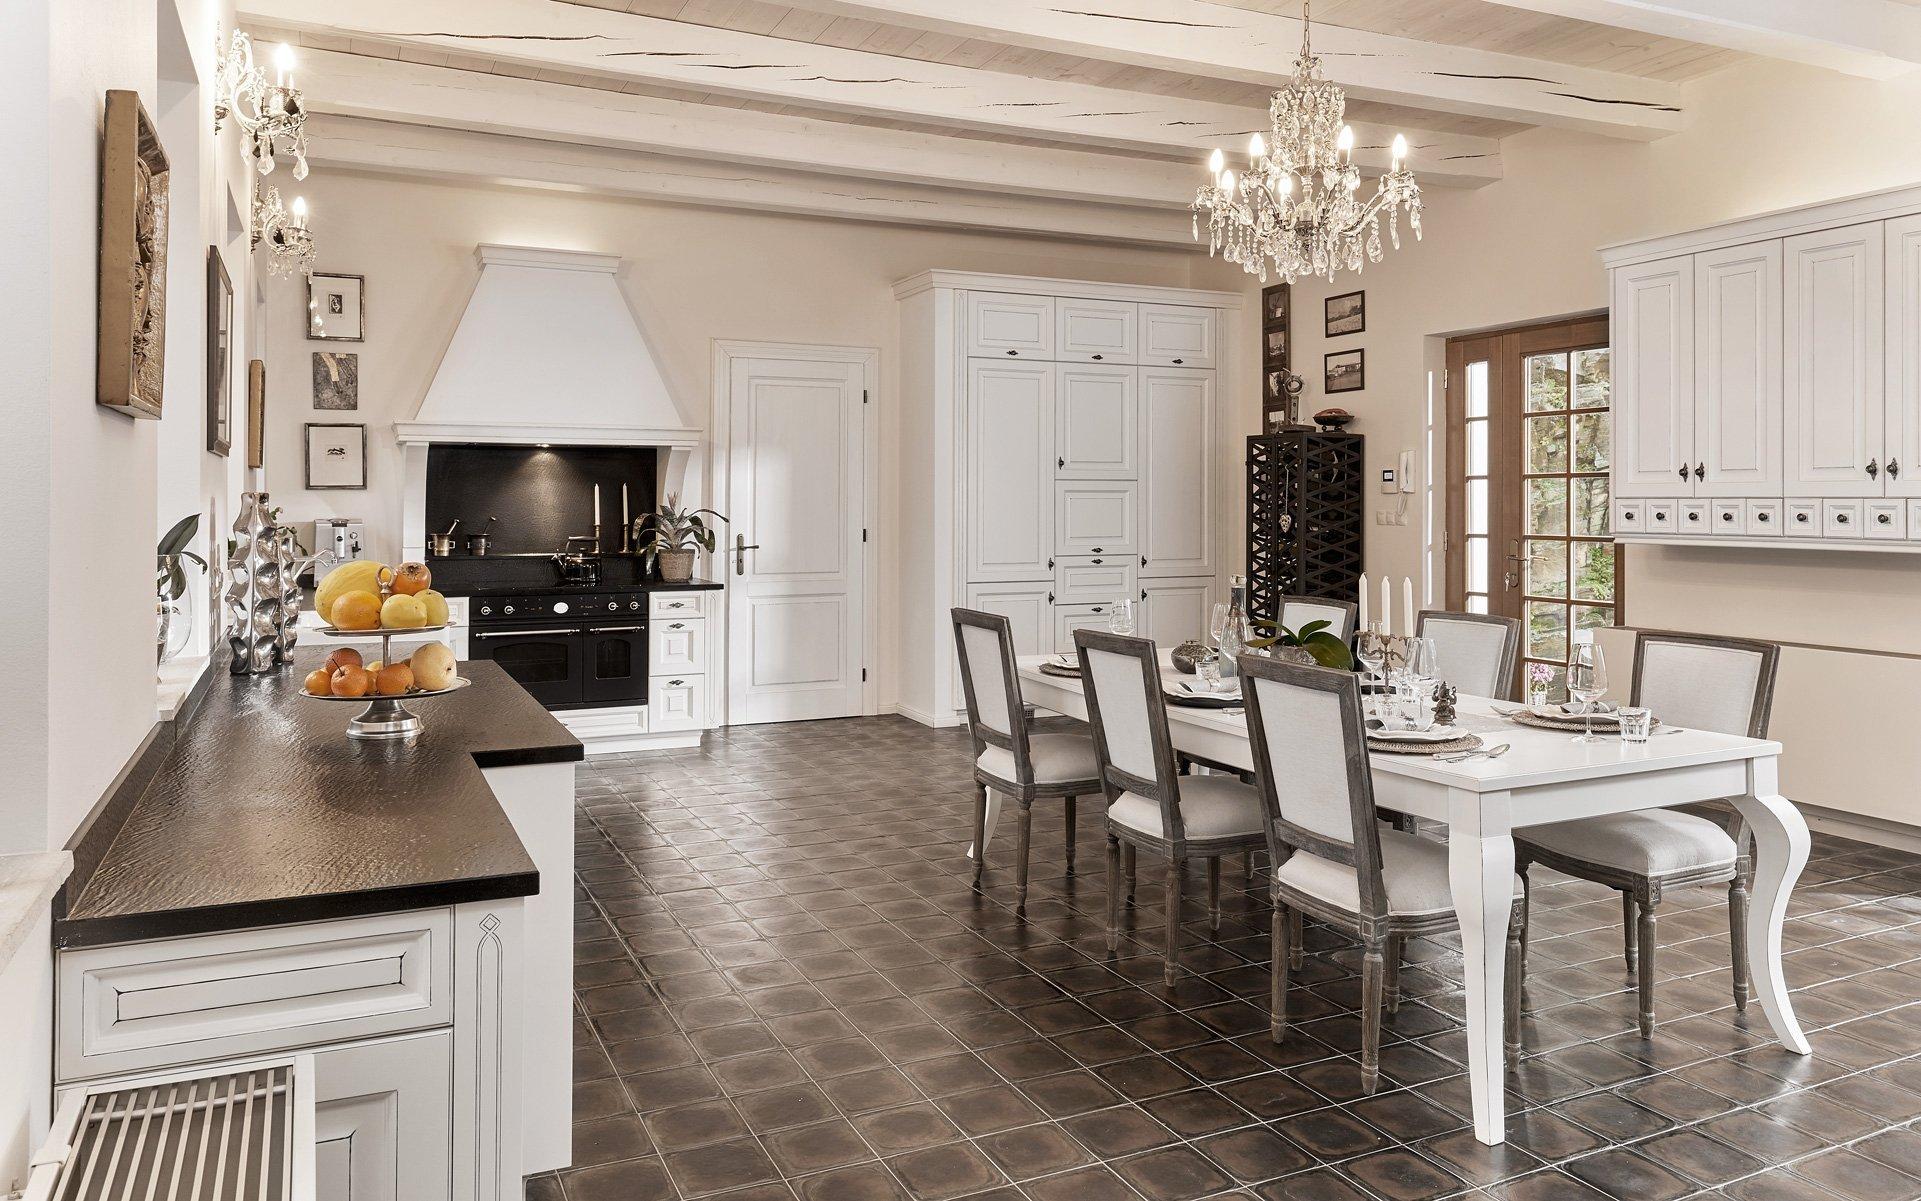 Rustikální a moderní kuchyně ve stylovém bydlení. Kuchyně MILANO a její typická profilovaná dvířka s ruční jemnou patinou a dalšími rustikálními prvky v…